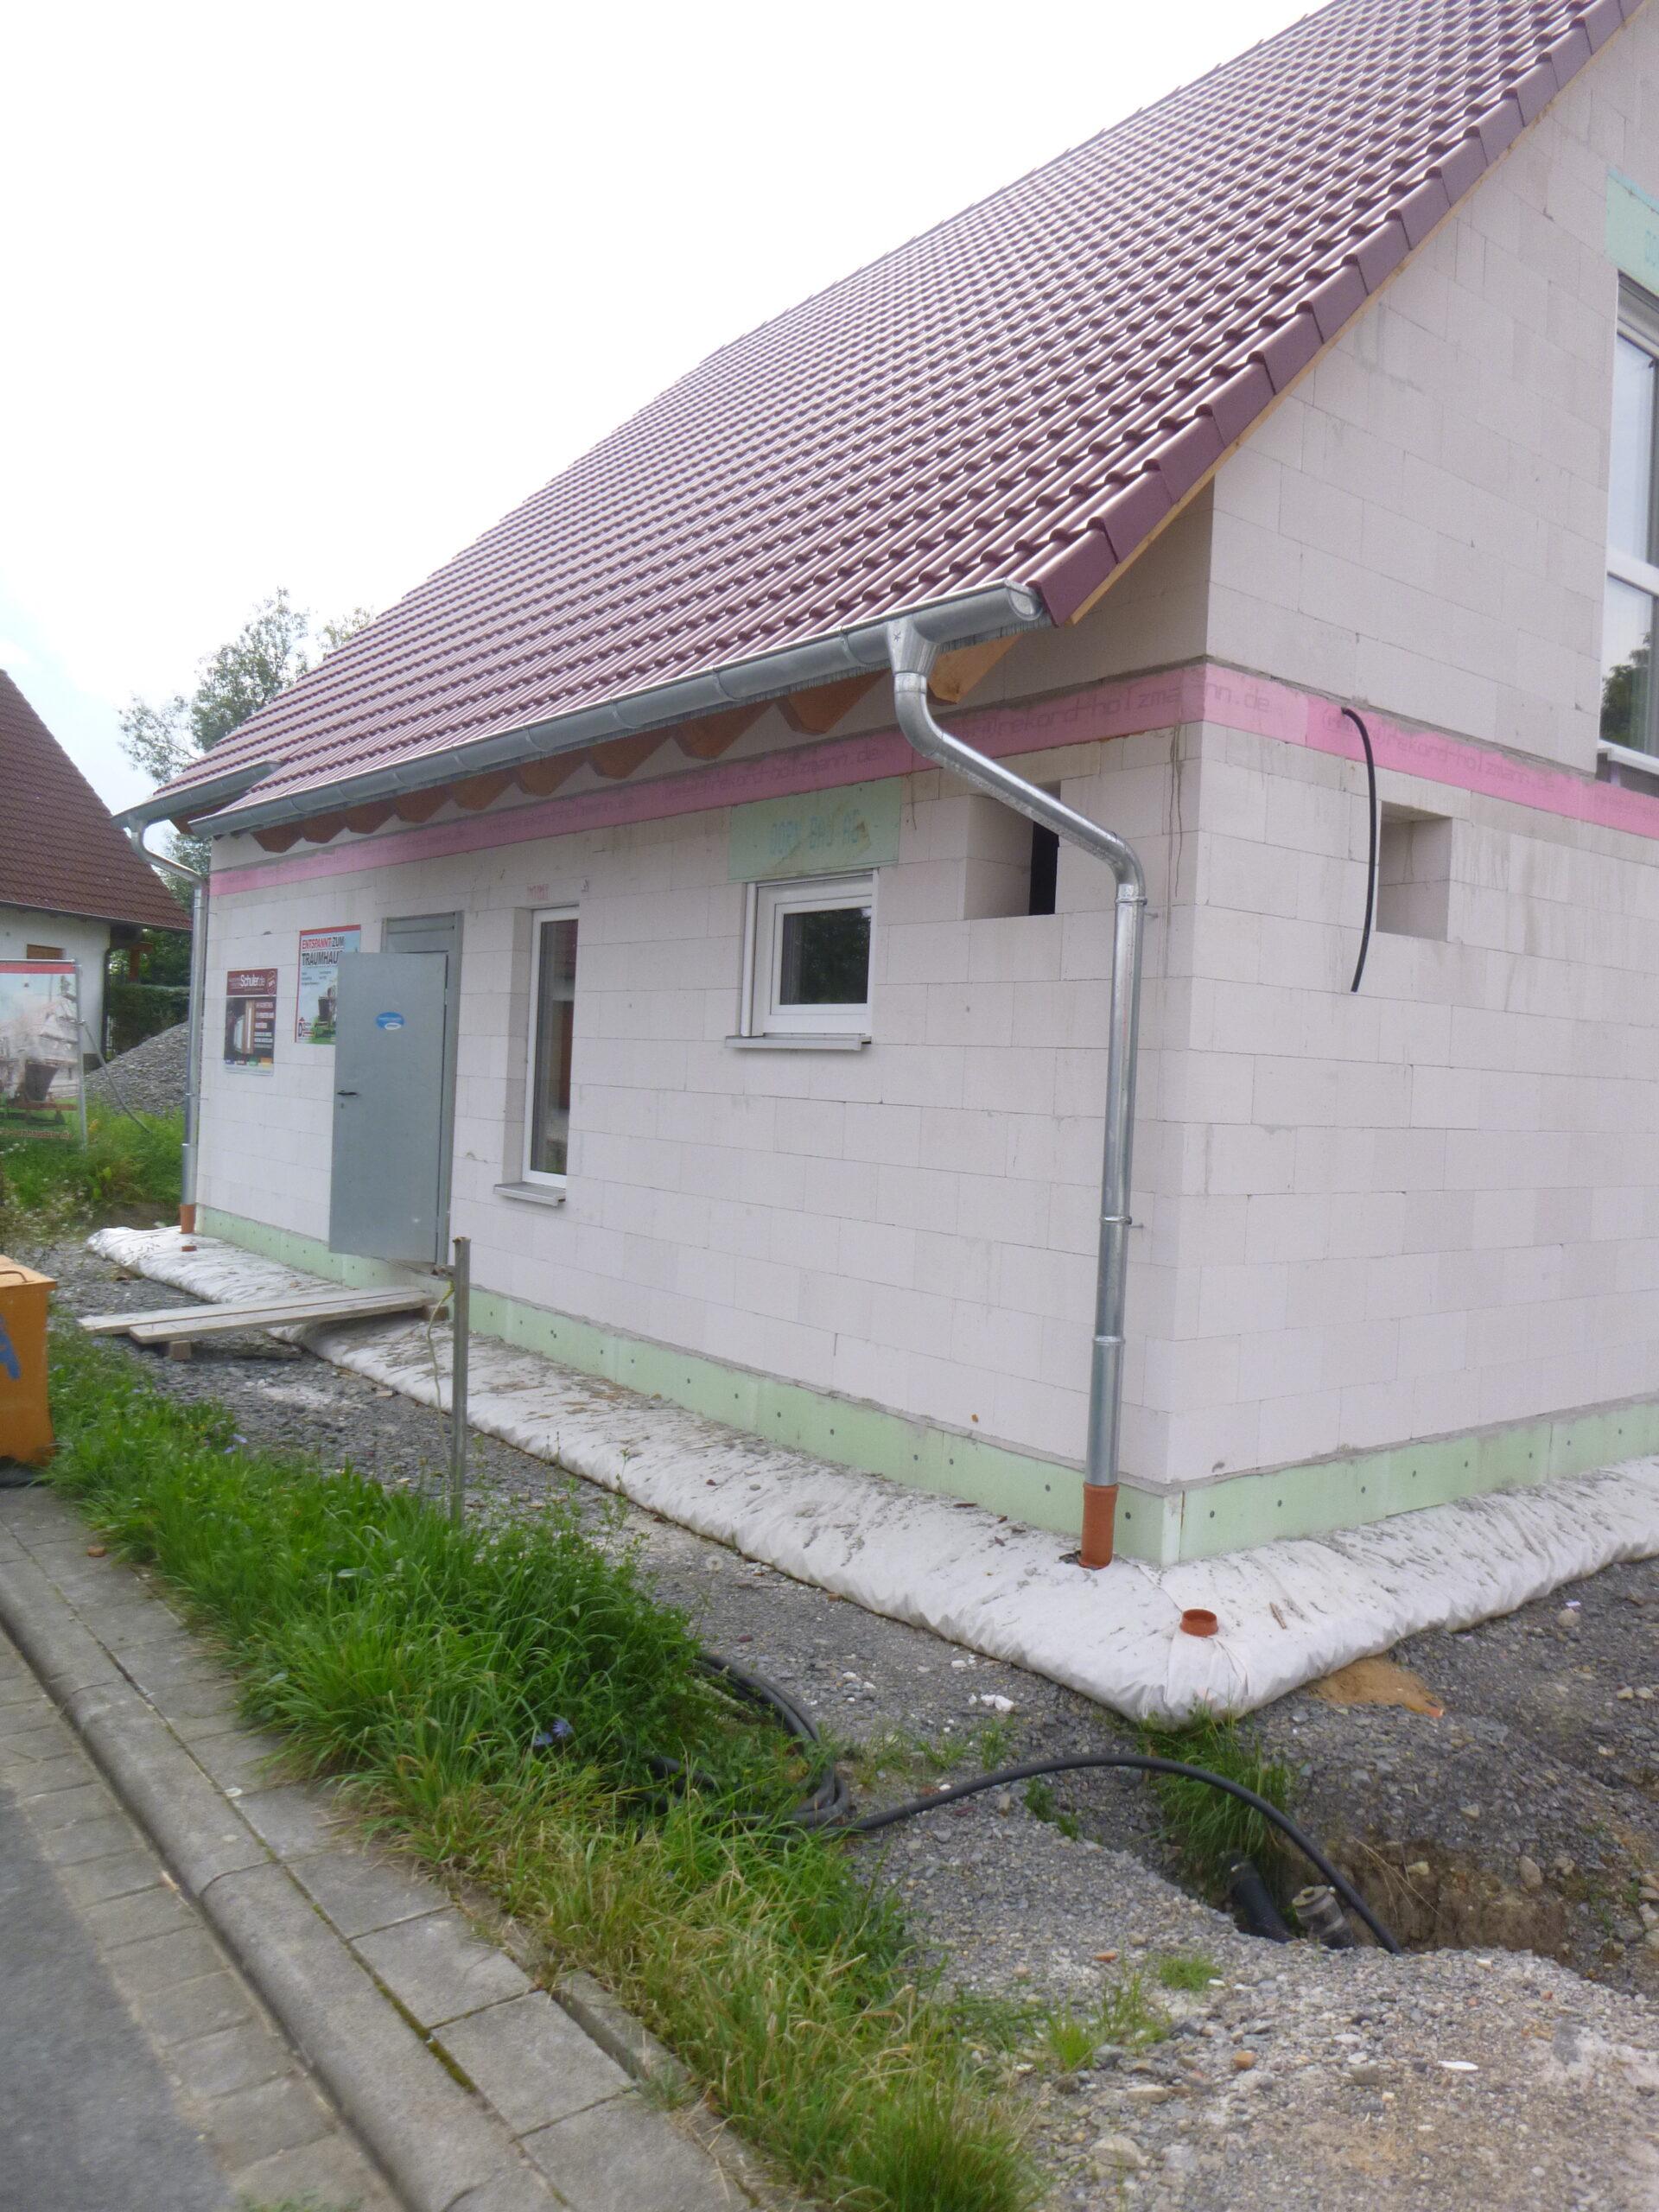 Rohbau - Hofaecker 10 - Oberschwarzach (3)